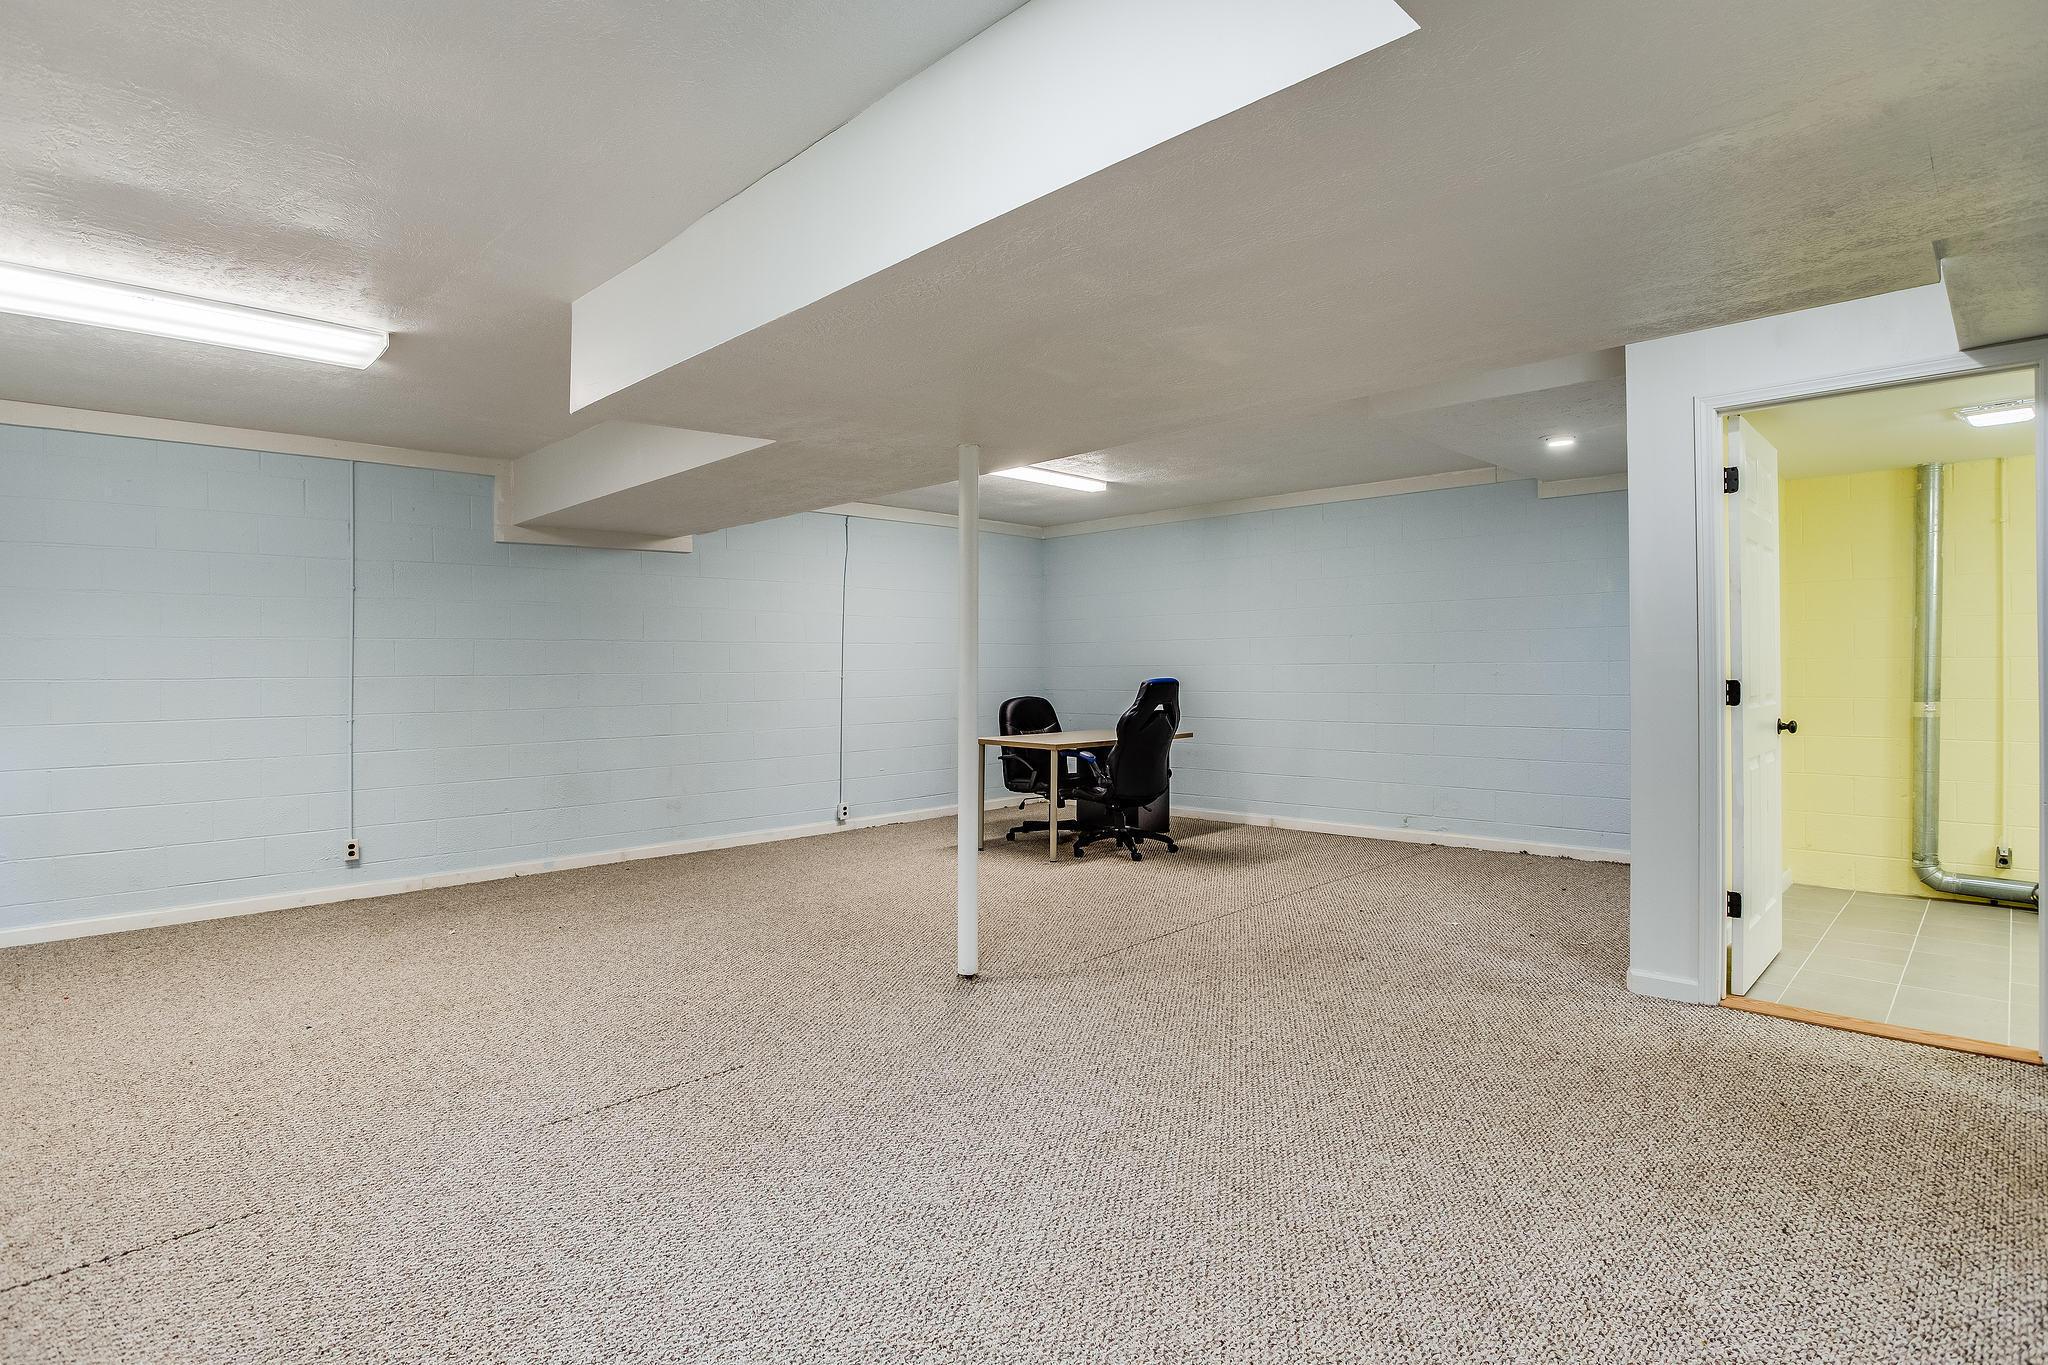 504 Bobolink Rd rec room (2)